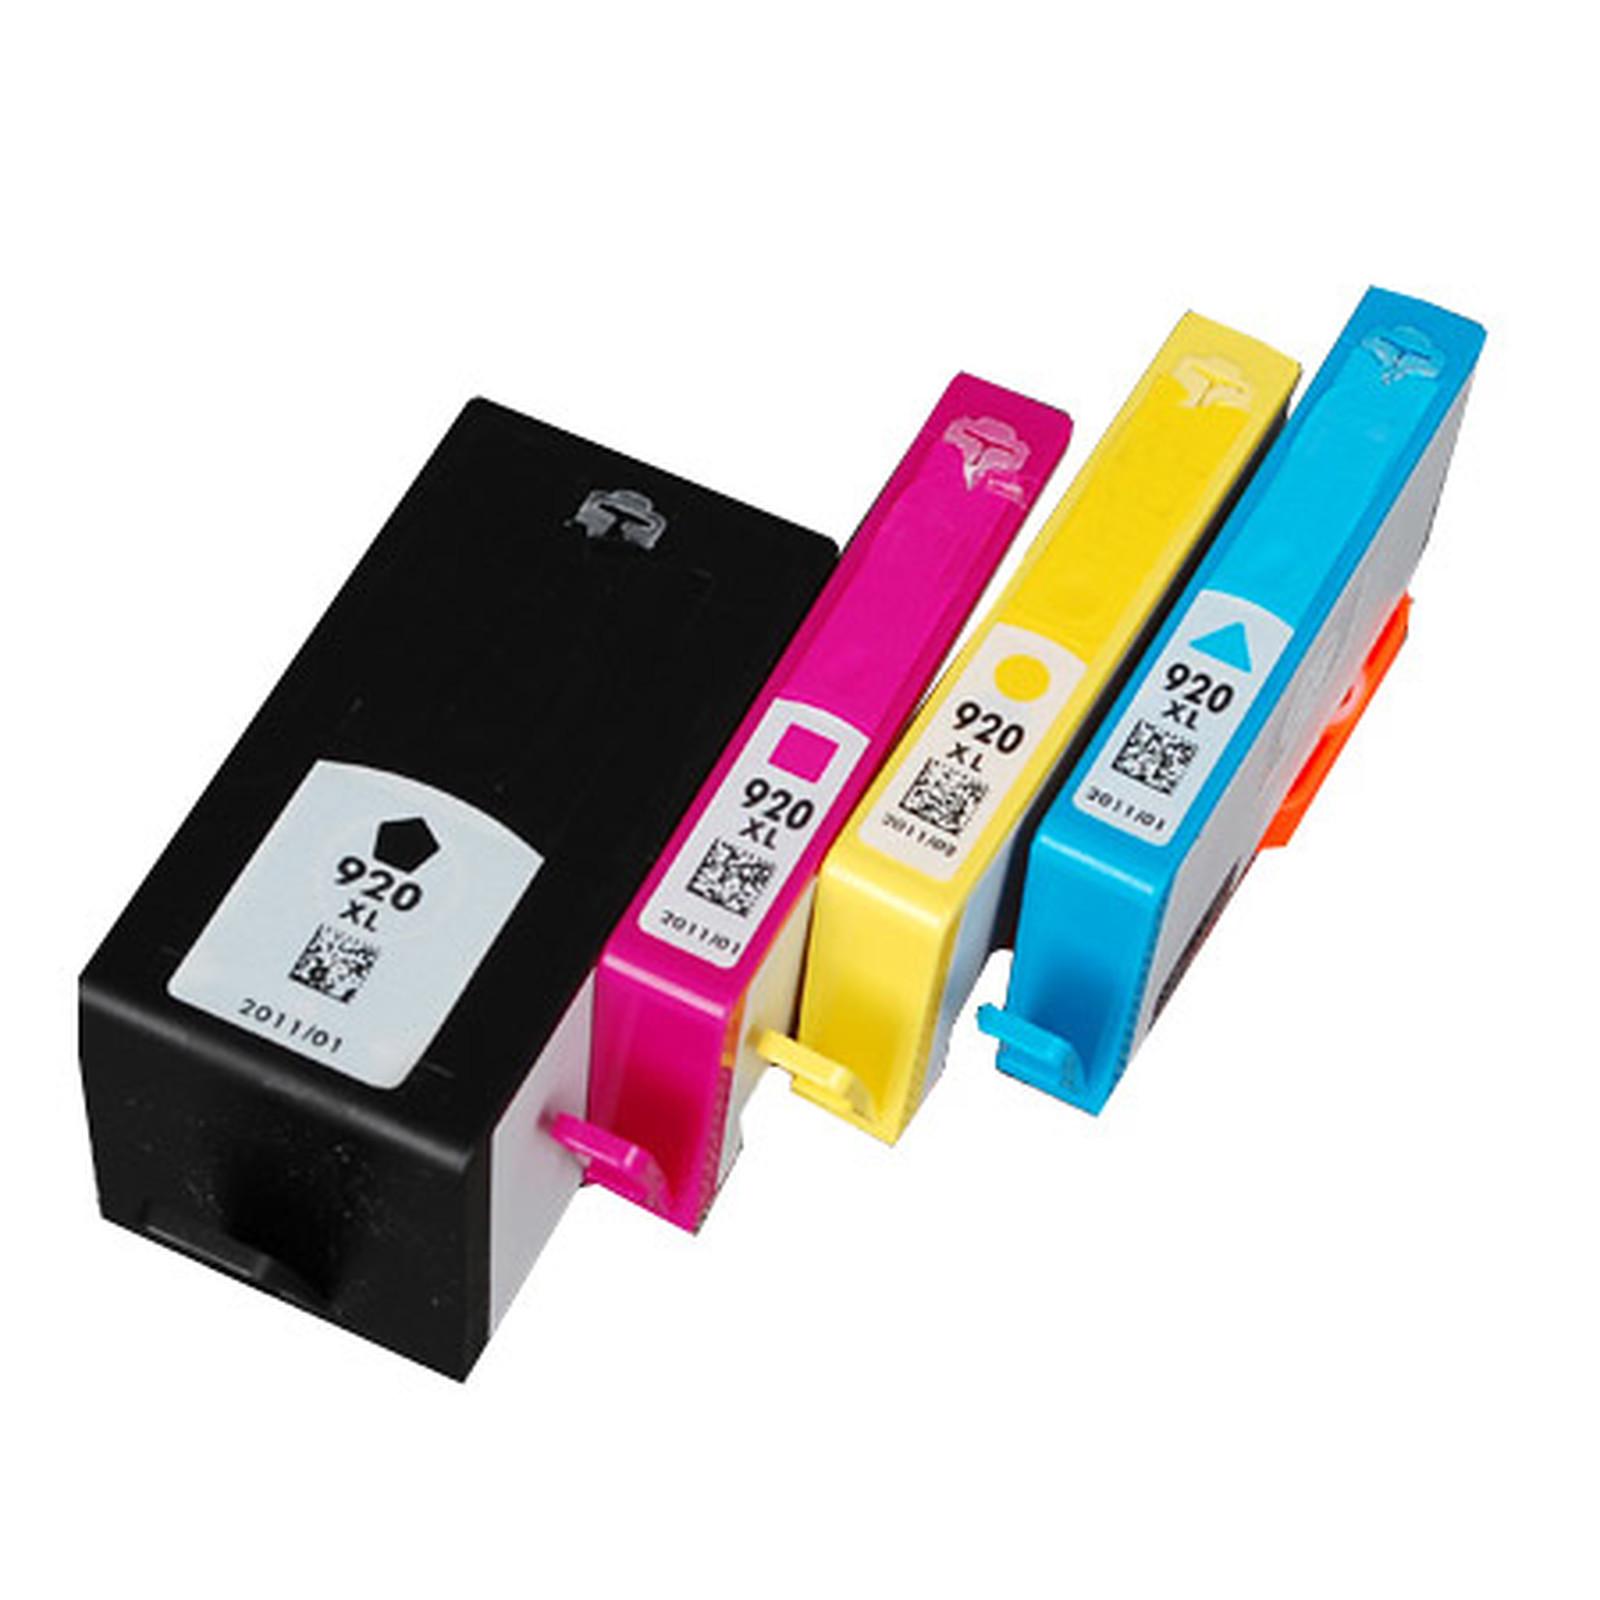 LDLC pack économique compatible HP 920 XL (BK + C + M + Y)